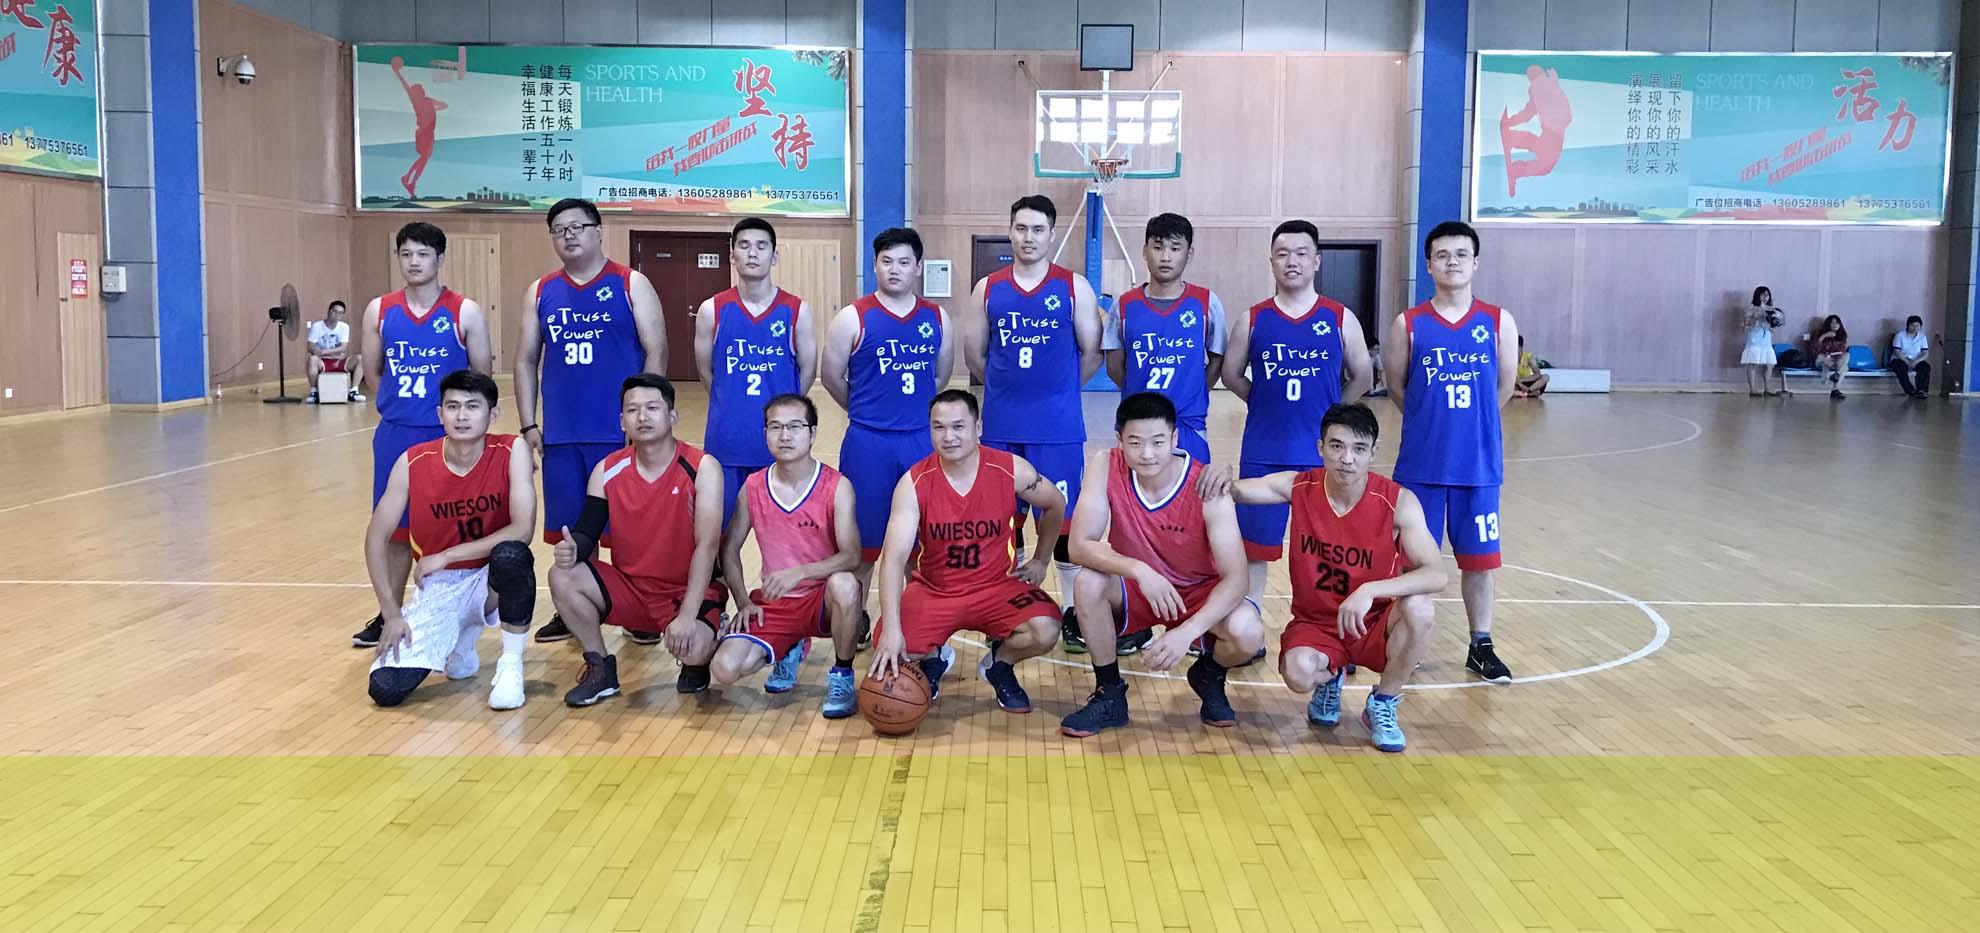 举手投足传递你我信任,团结拼搏彰显企业精神---首届篮球联谊赛